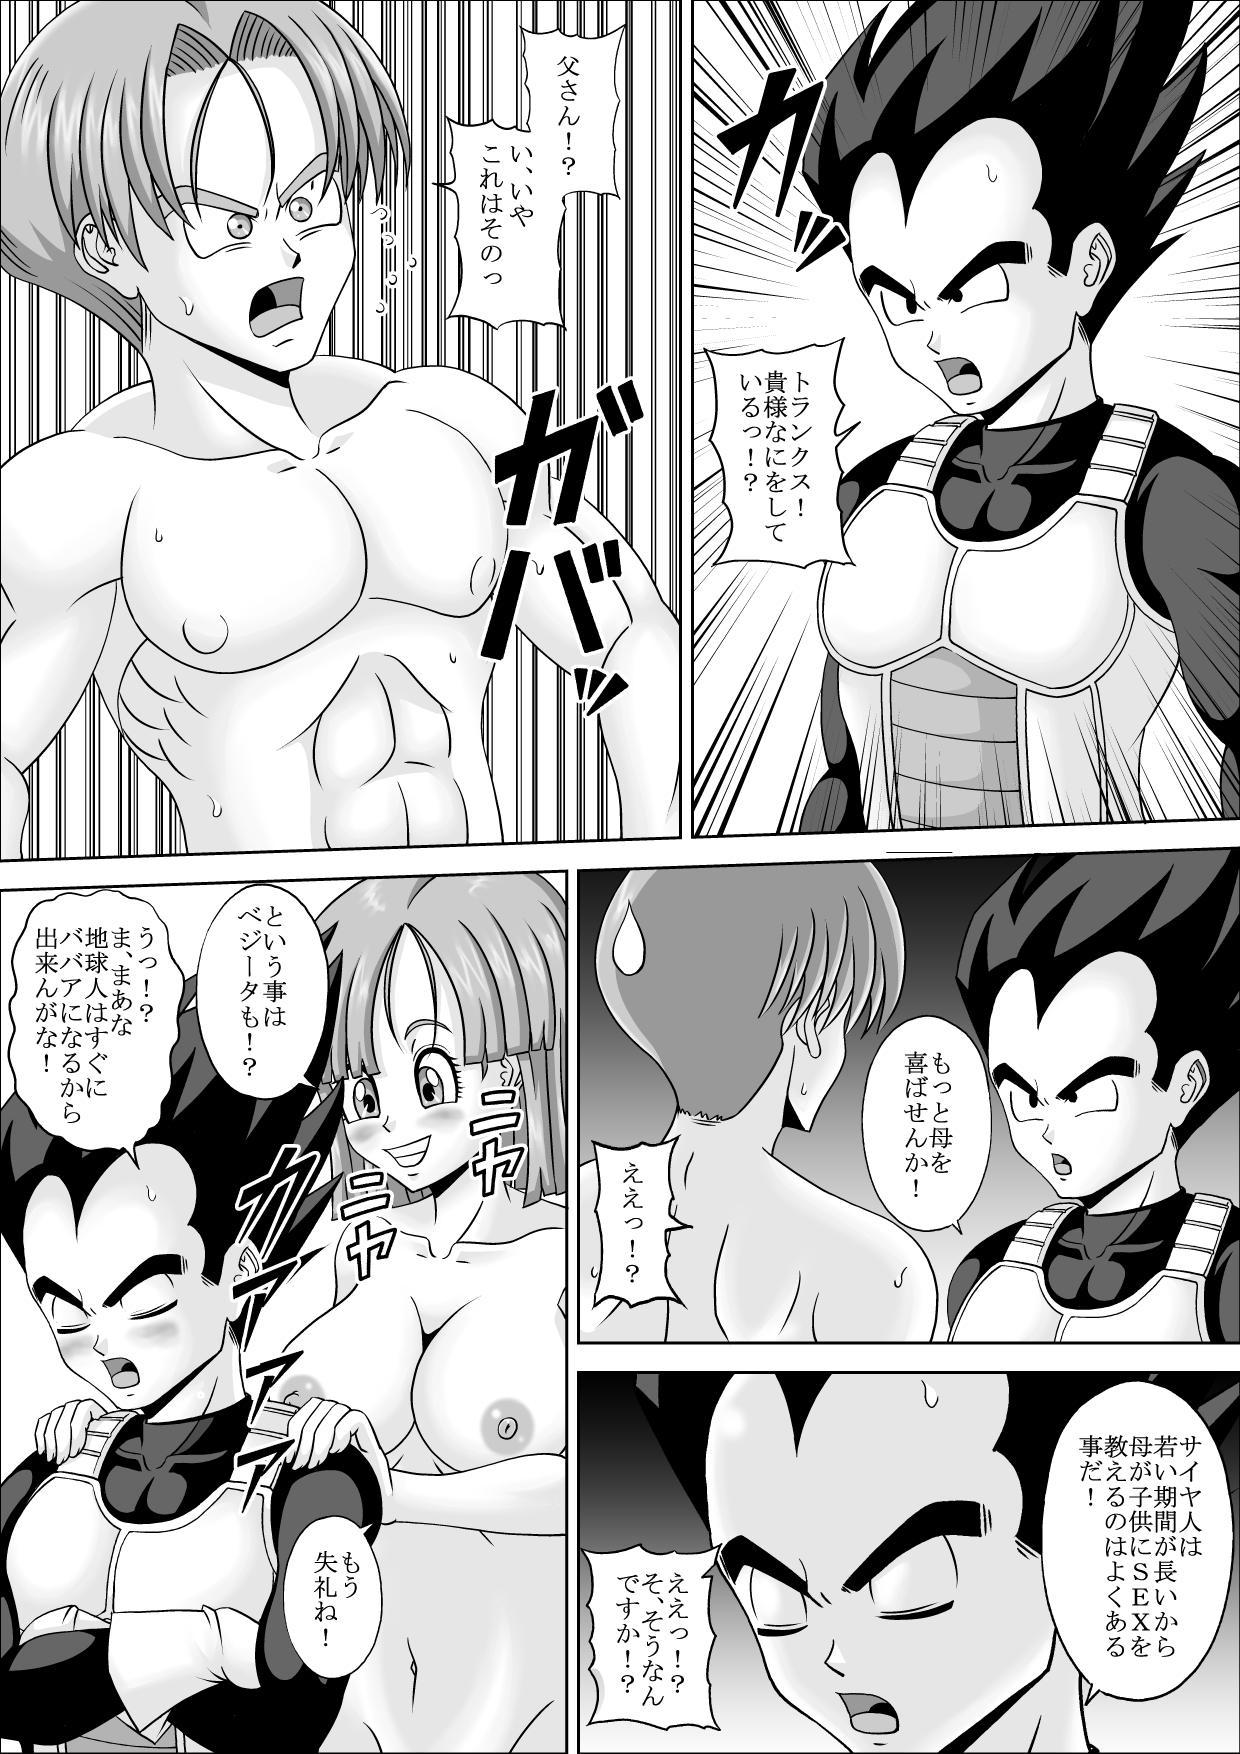 Fudeoroshi wa Kako no Mama 26